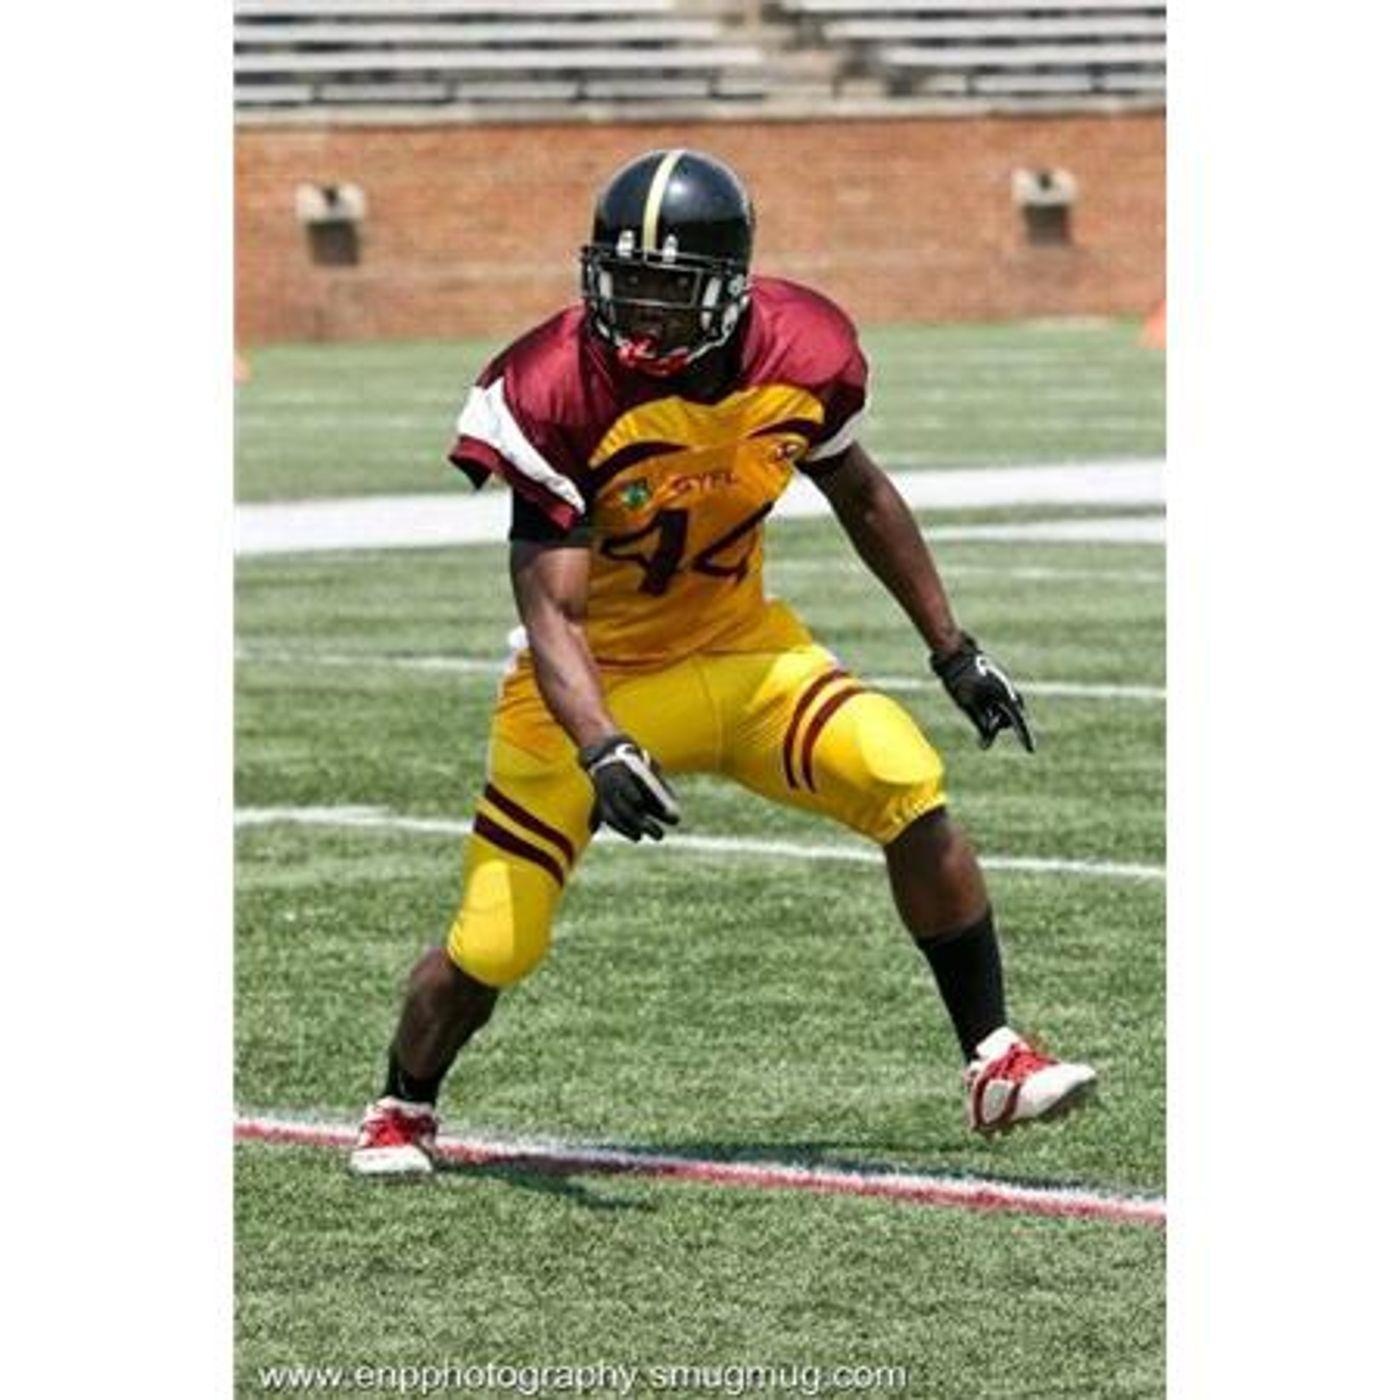 Johnson Lloyd: Faith, Football, and Dominating High school football